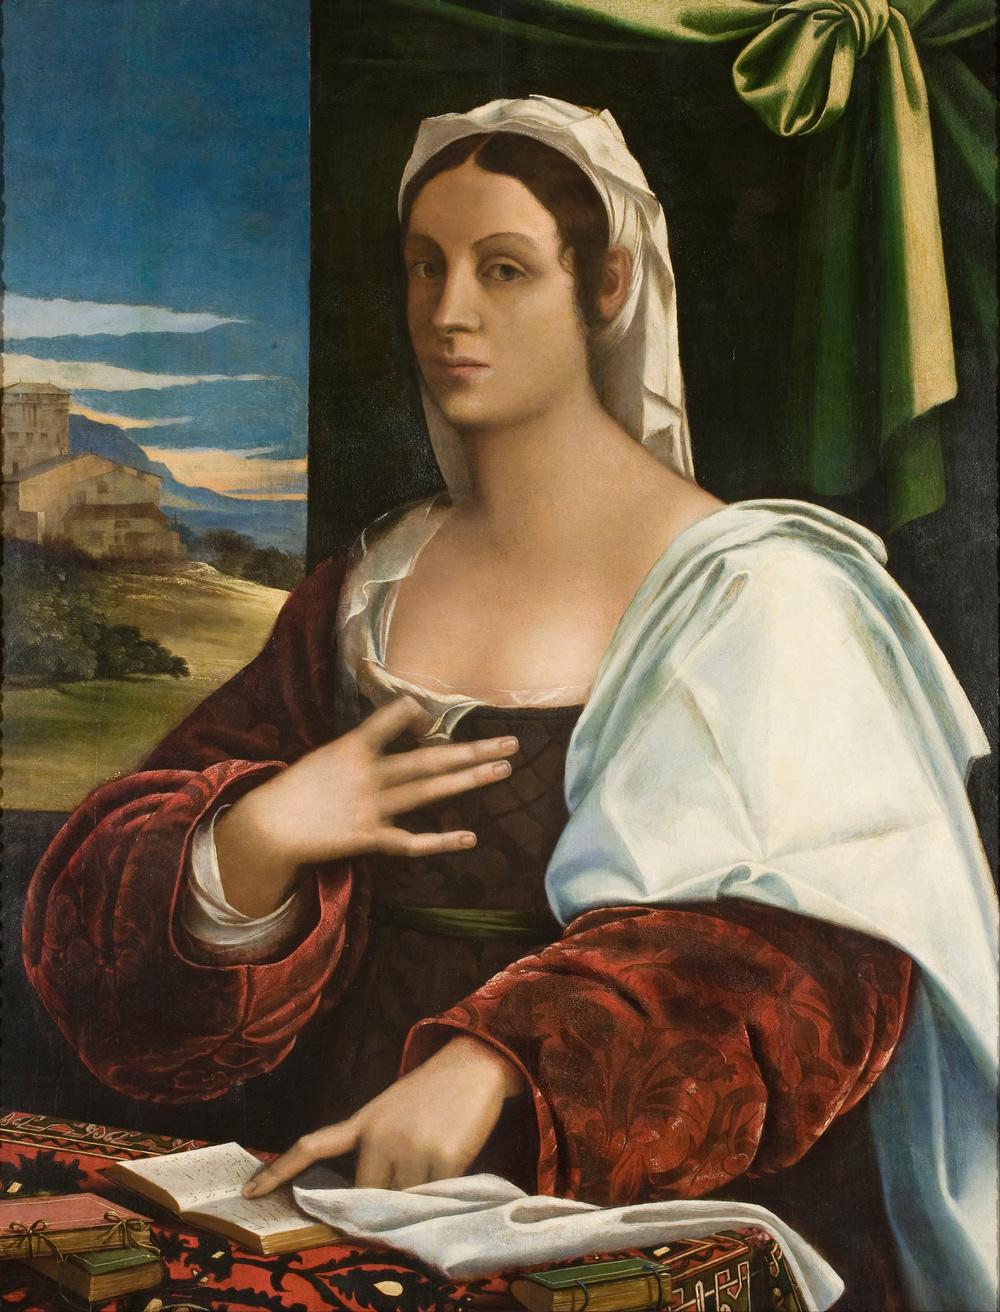 Vittoria Colonna, portrait by Sebastiano del Piombo (Circa 1520), Museu Nacional d'Art de Catalunya